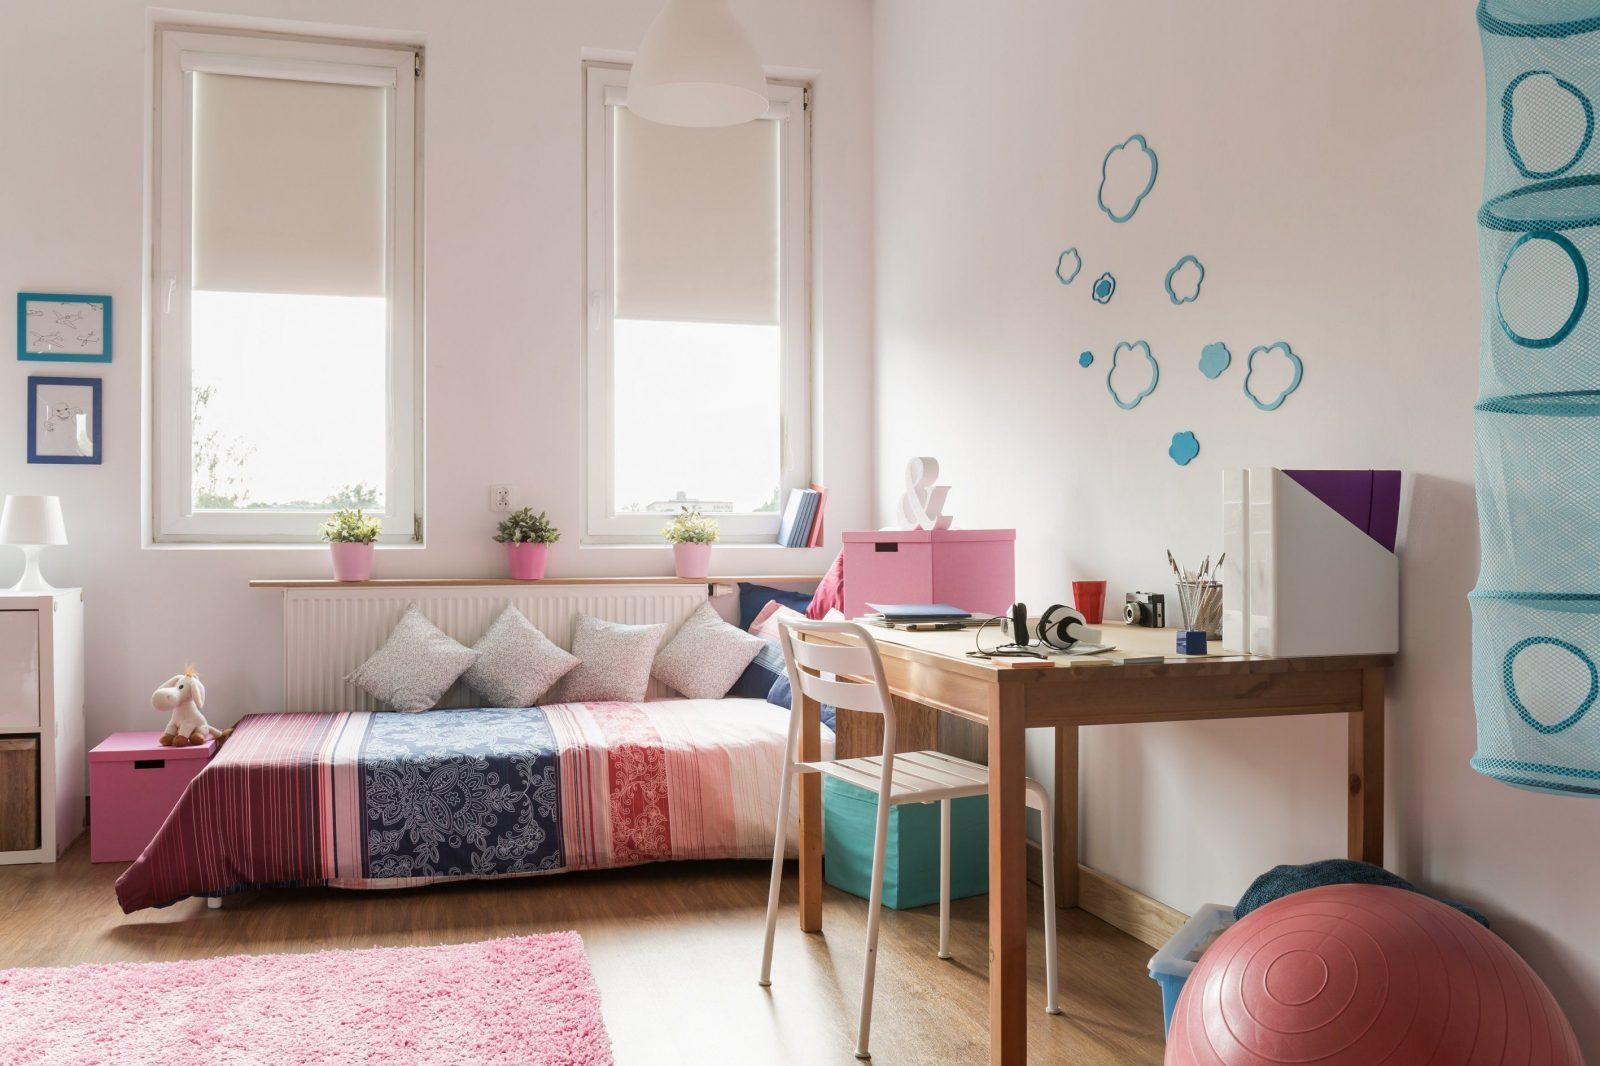 Ideen Für Die Wandgestaltung Im Jugendzimmer Alpina Farbe & Einrichten von Jugendzimmer Wände Gestalten Ideen Bild